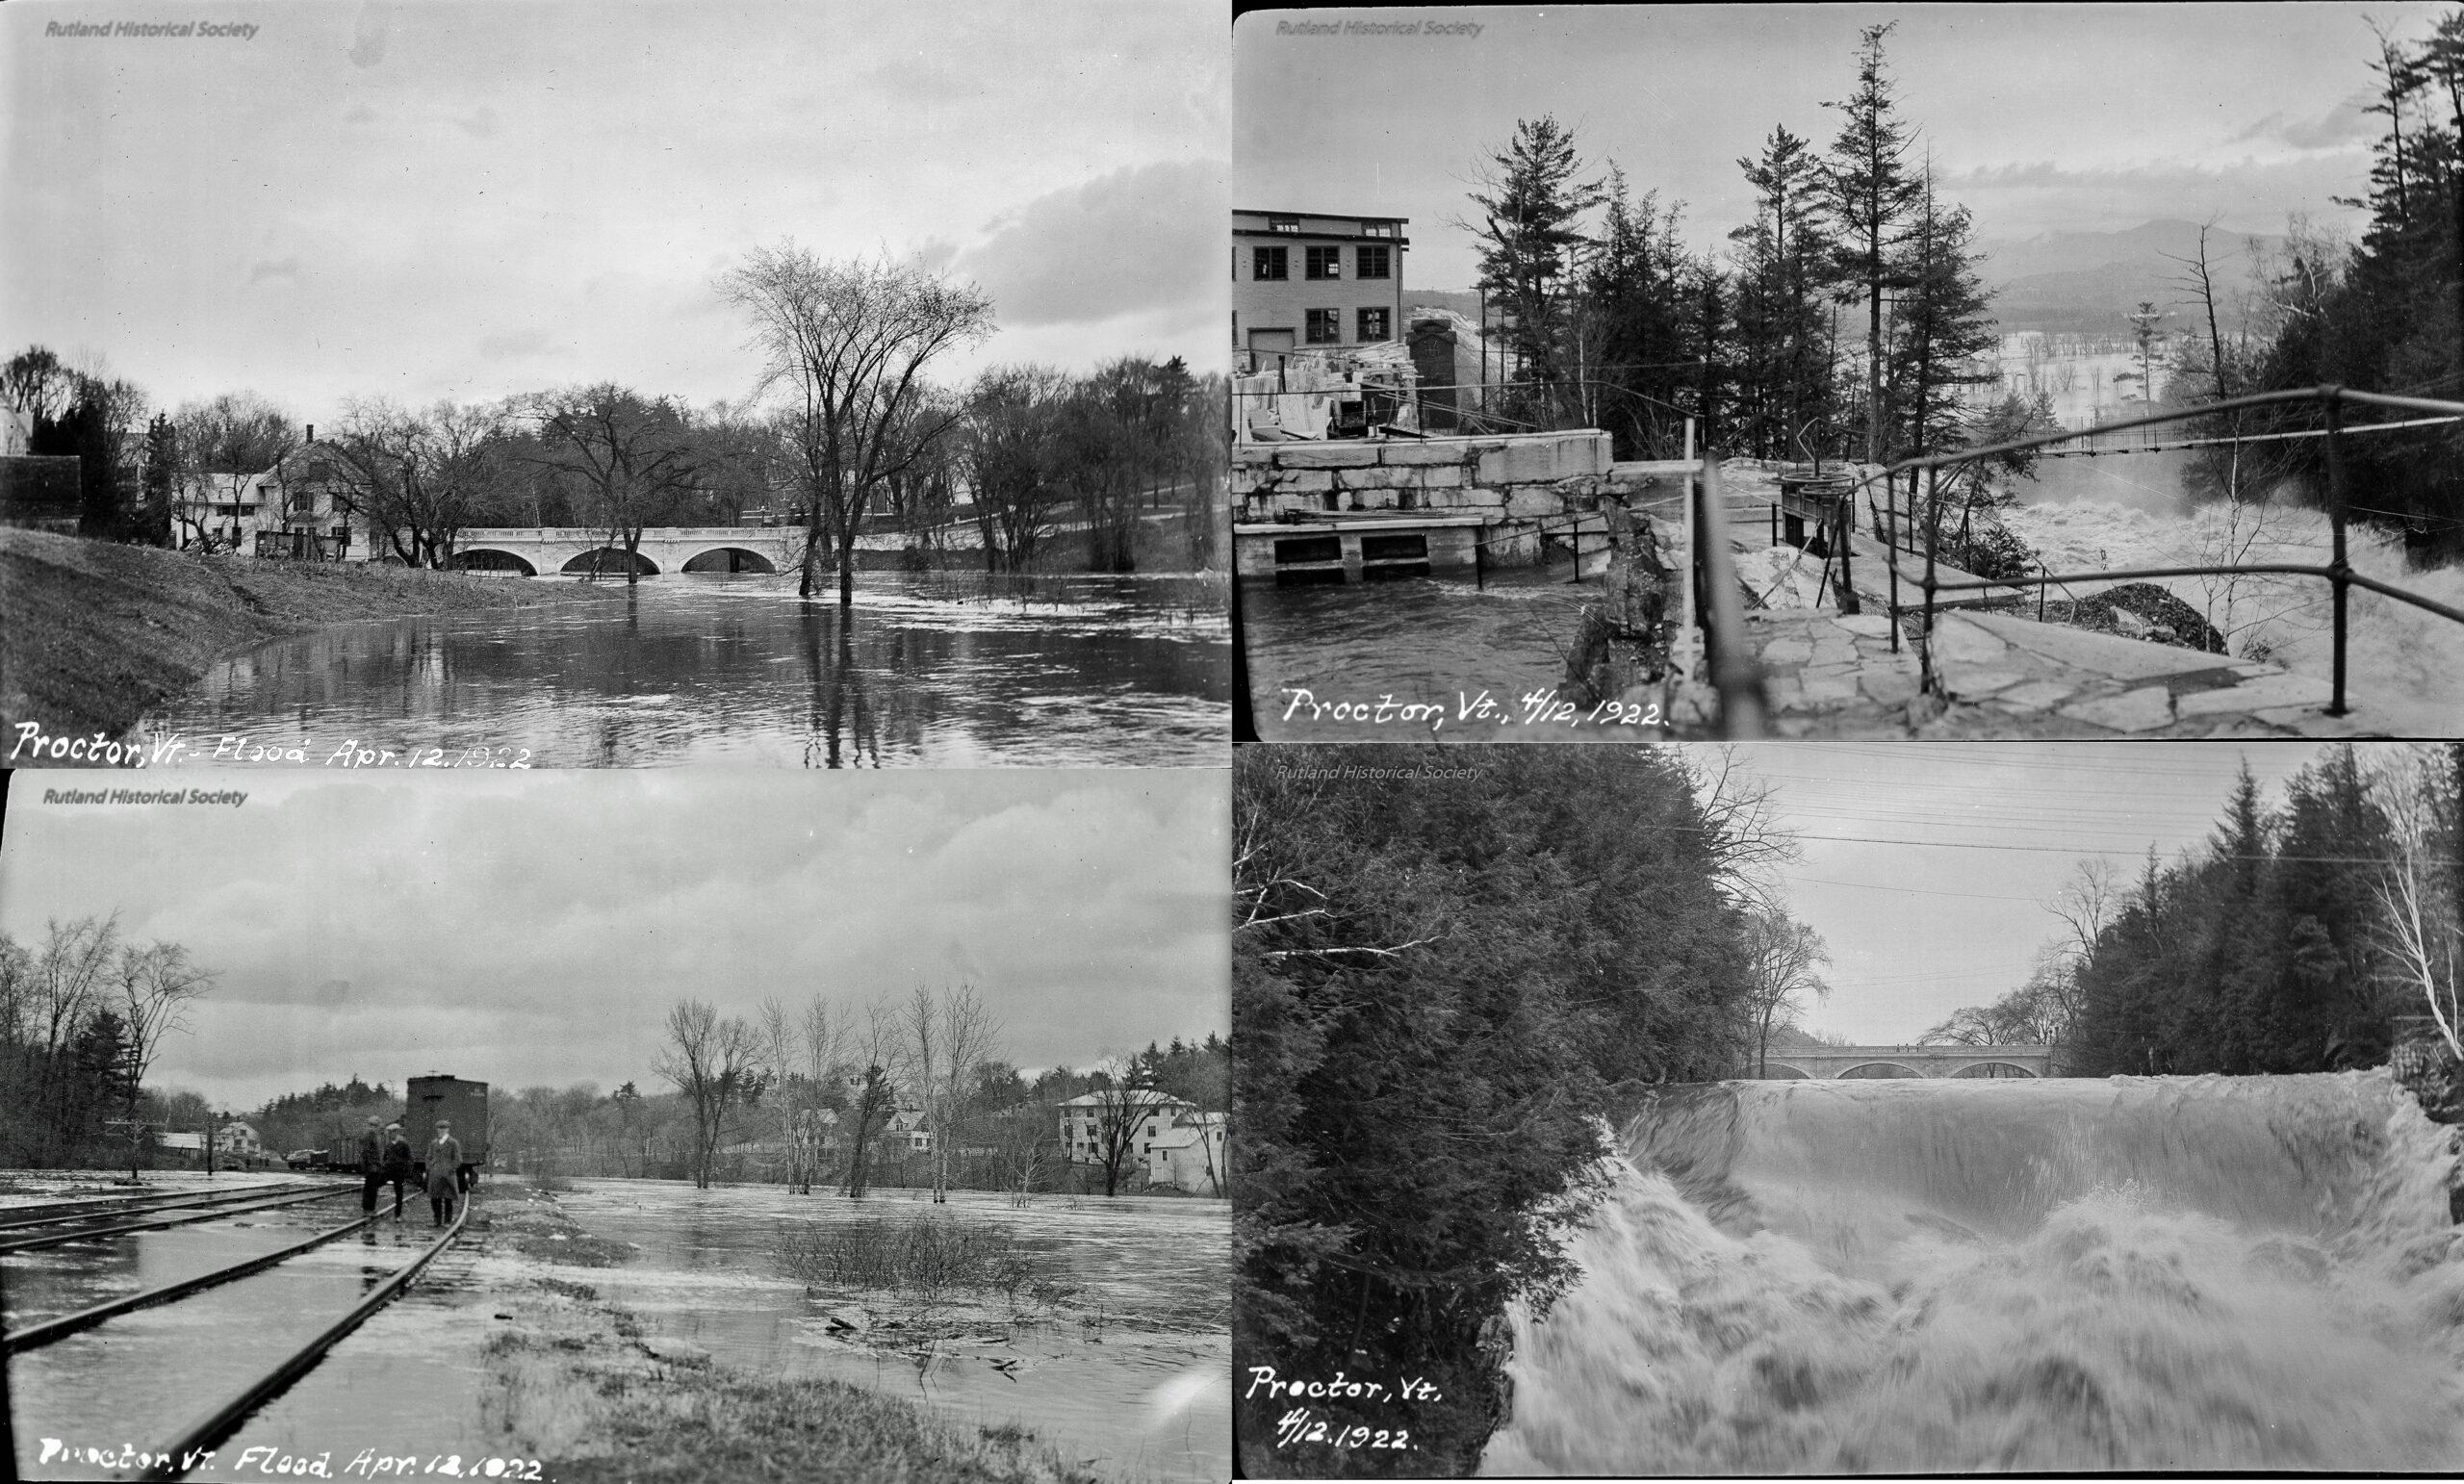 Proctor Flood April 12 1922